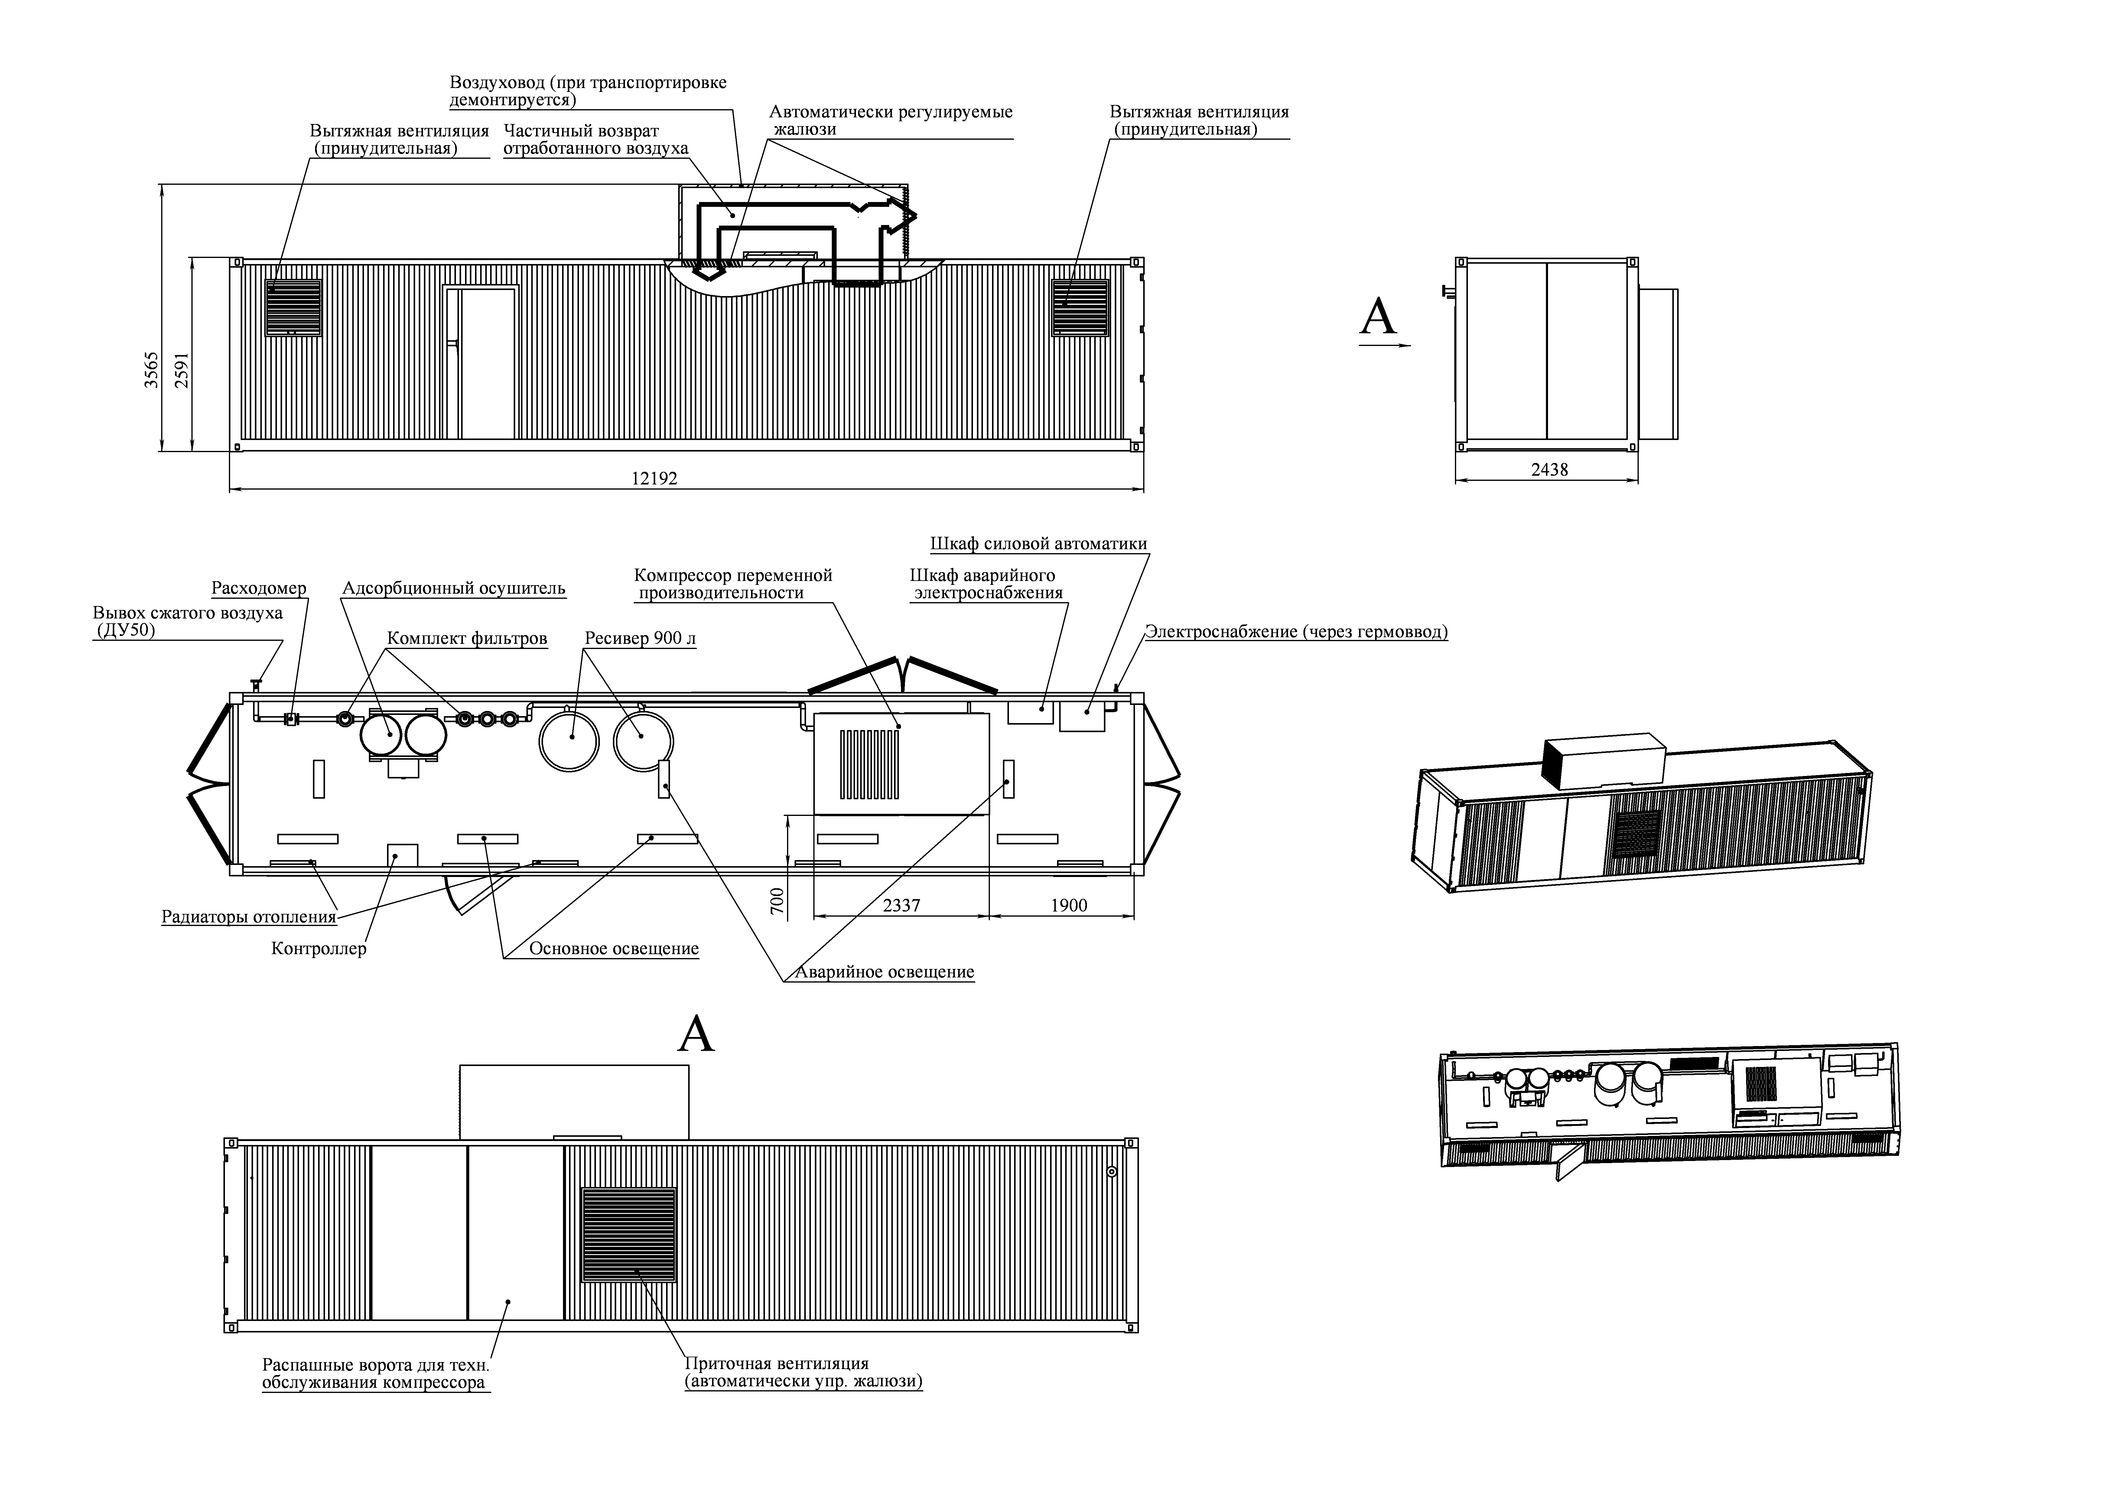 Air Compressor Station Ural Plant Jsc Wiring Diagram